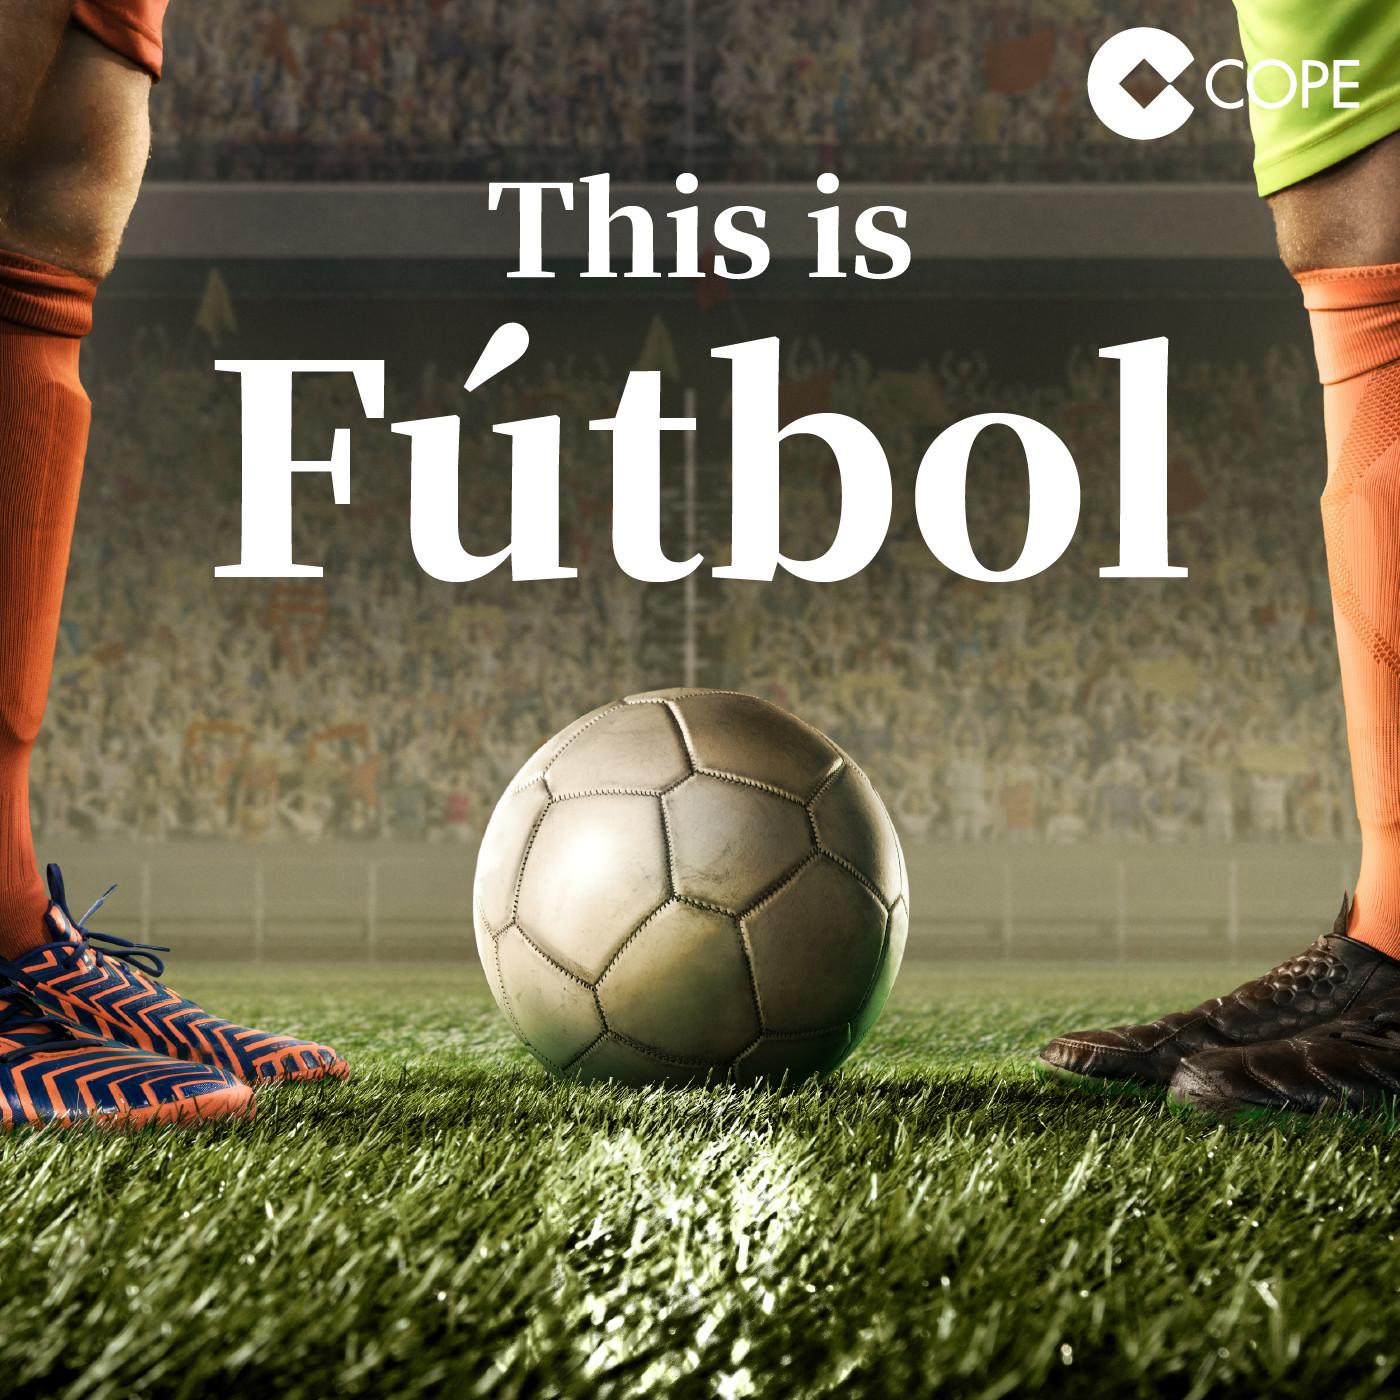 This is Futbol